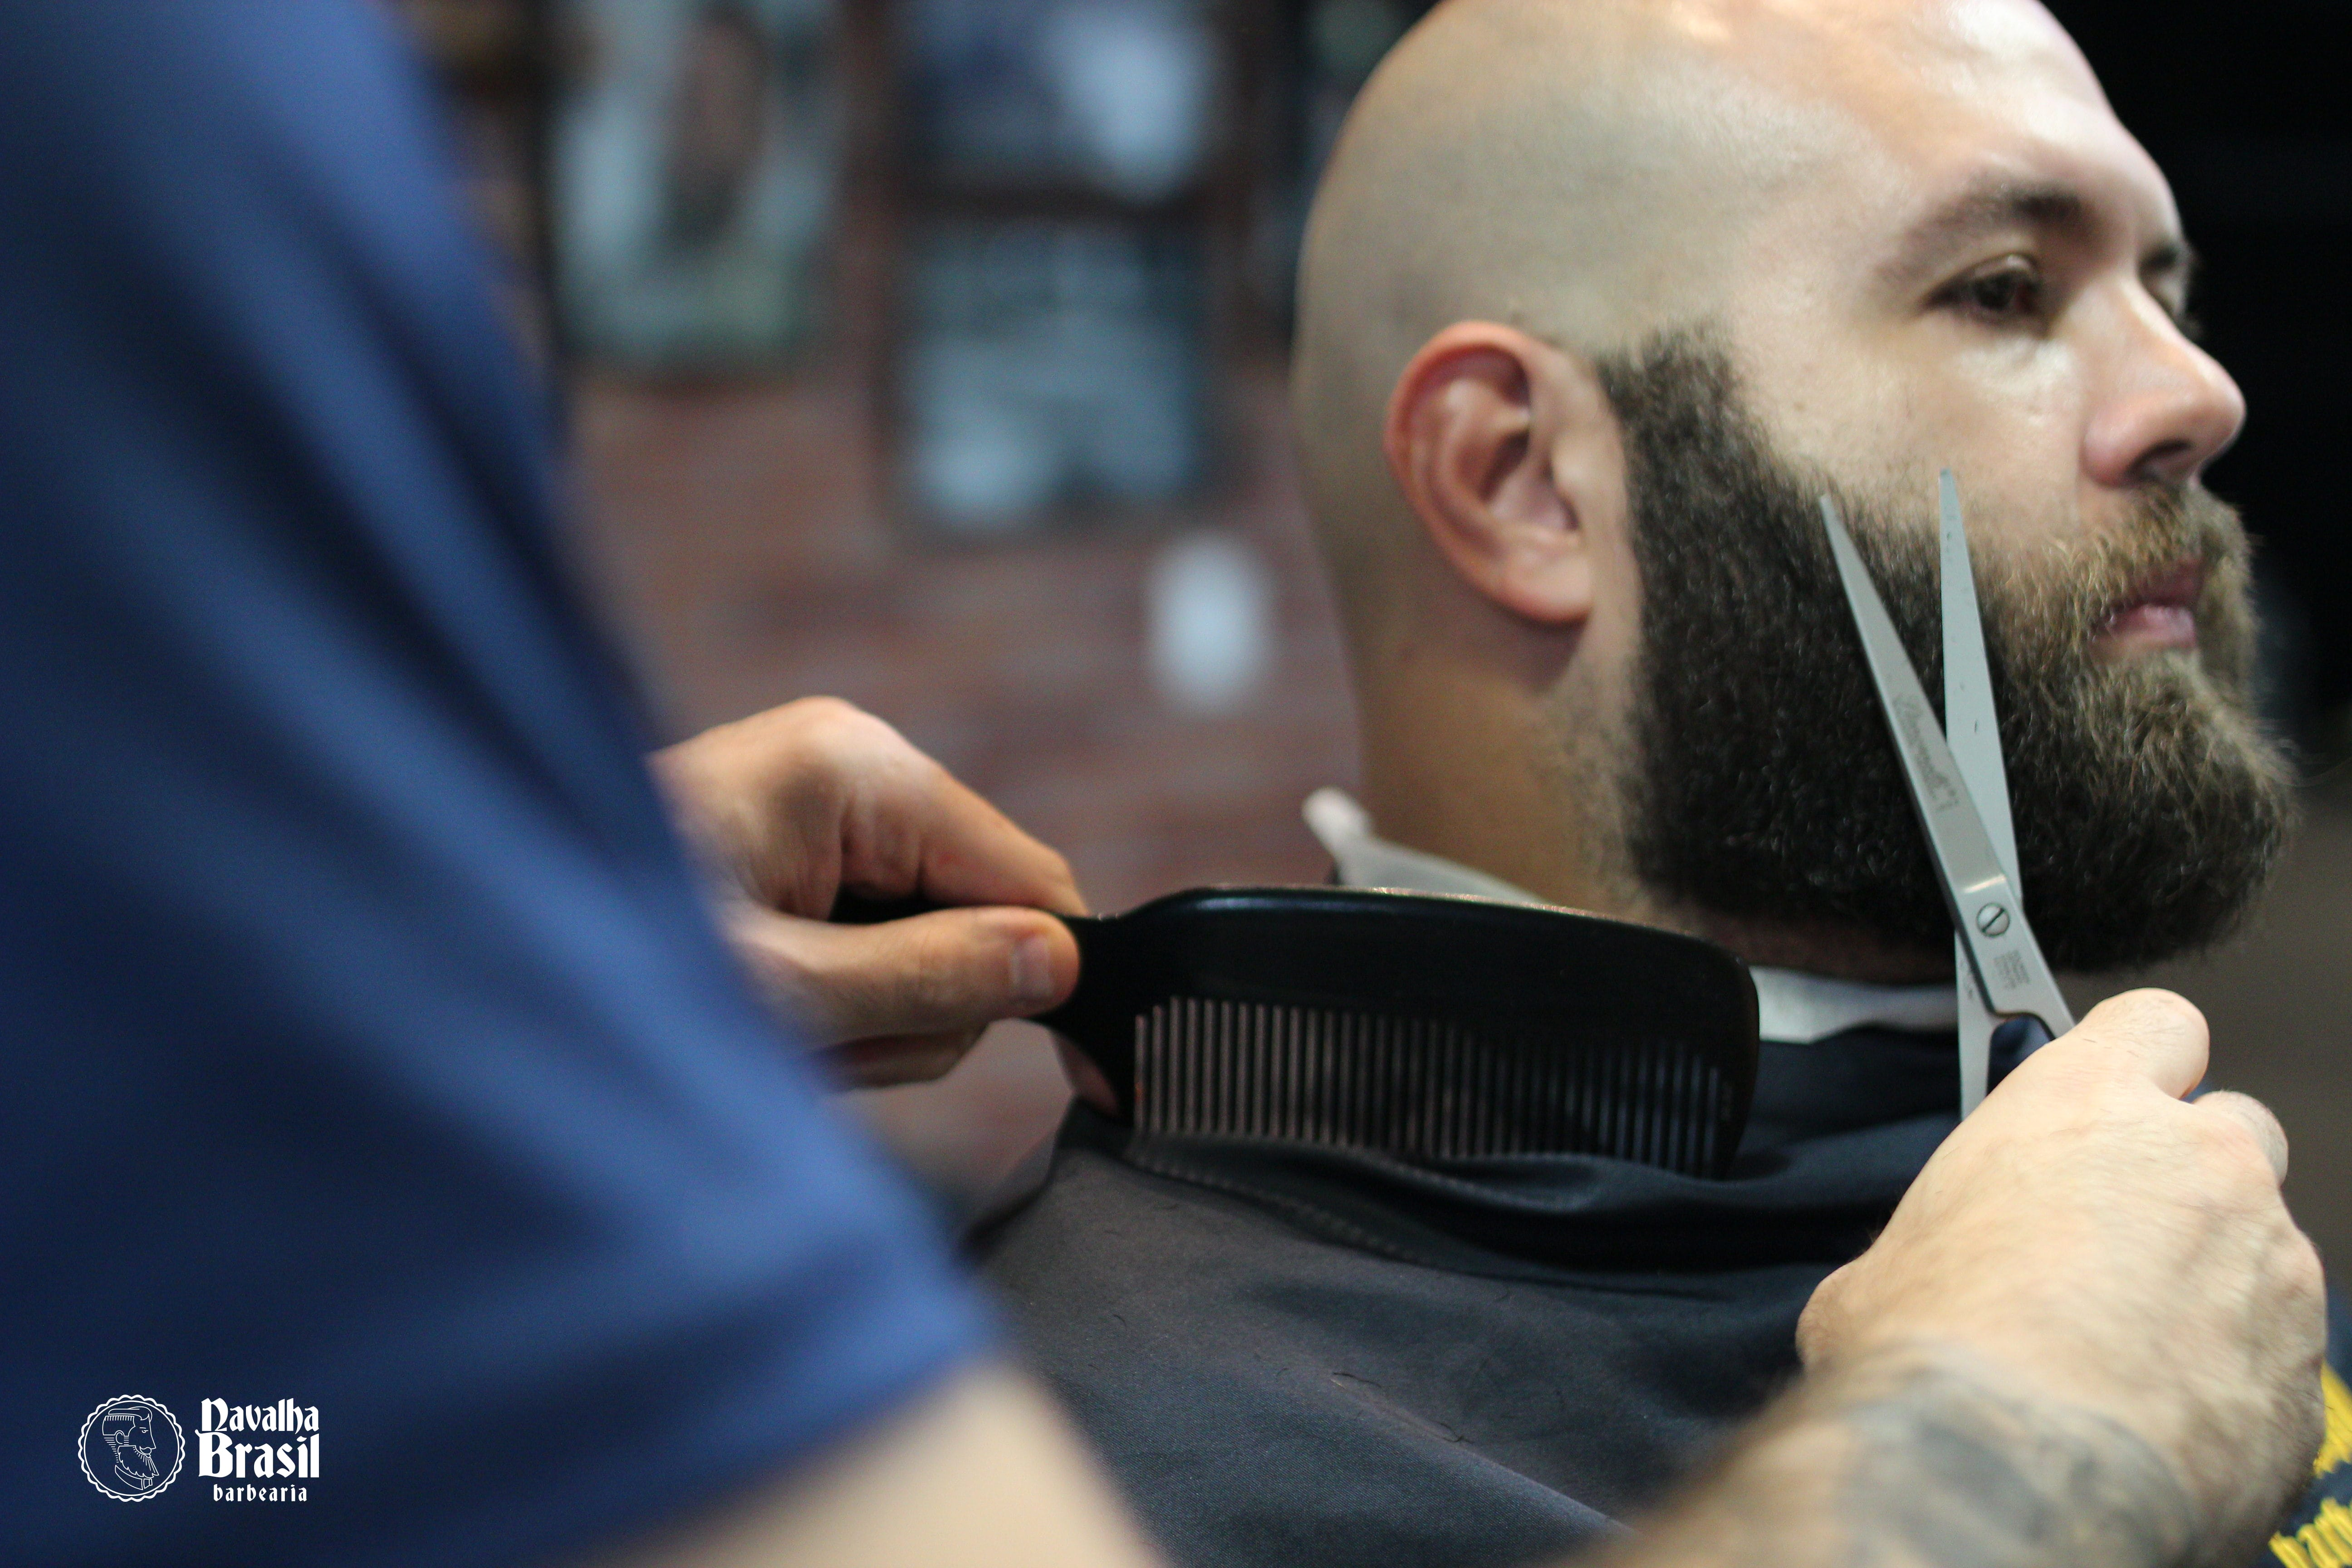 Dê um UP no visual! Corte Cabelo e Barba de R$105 por apenas R$69,90